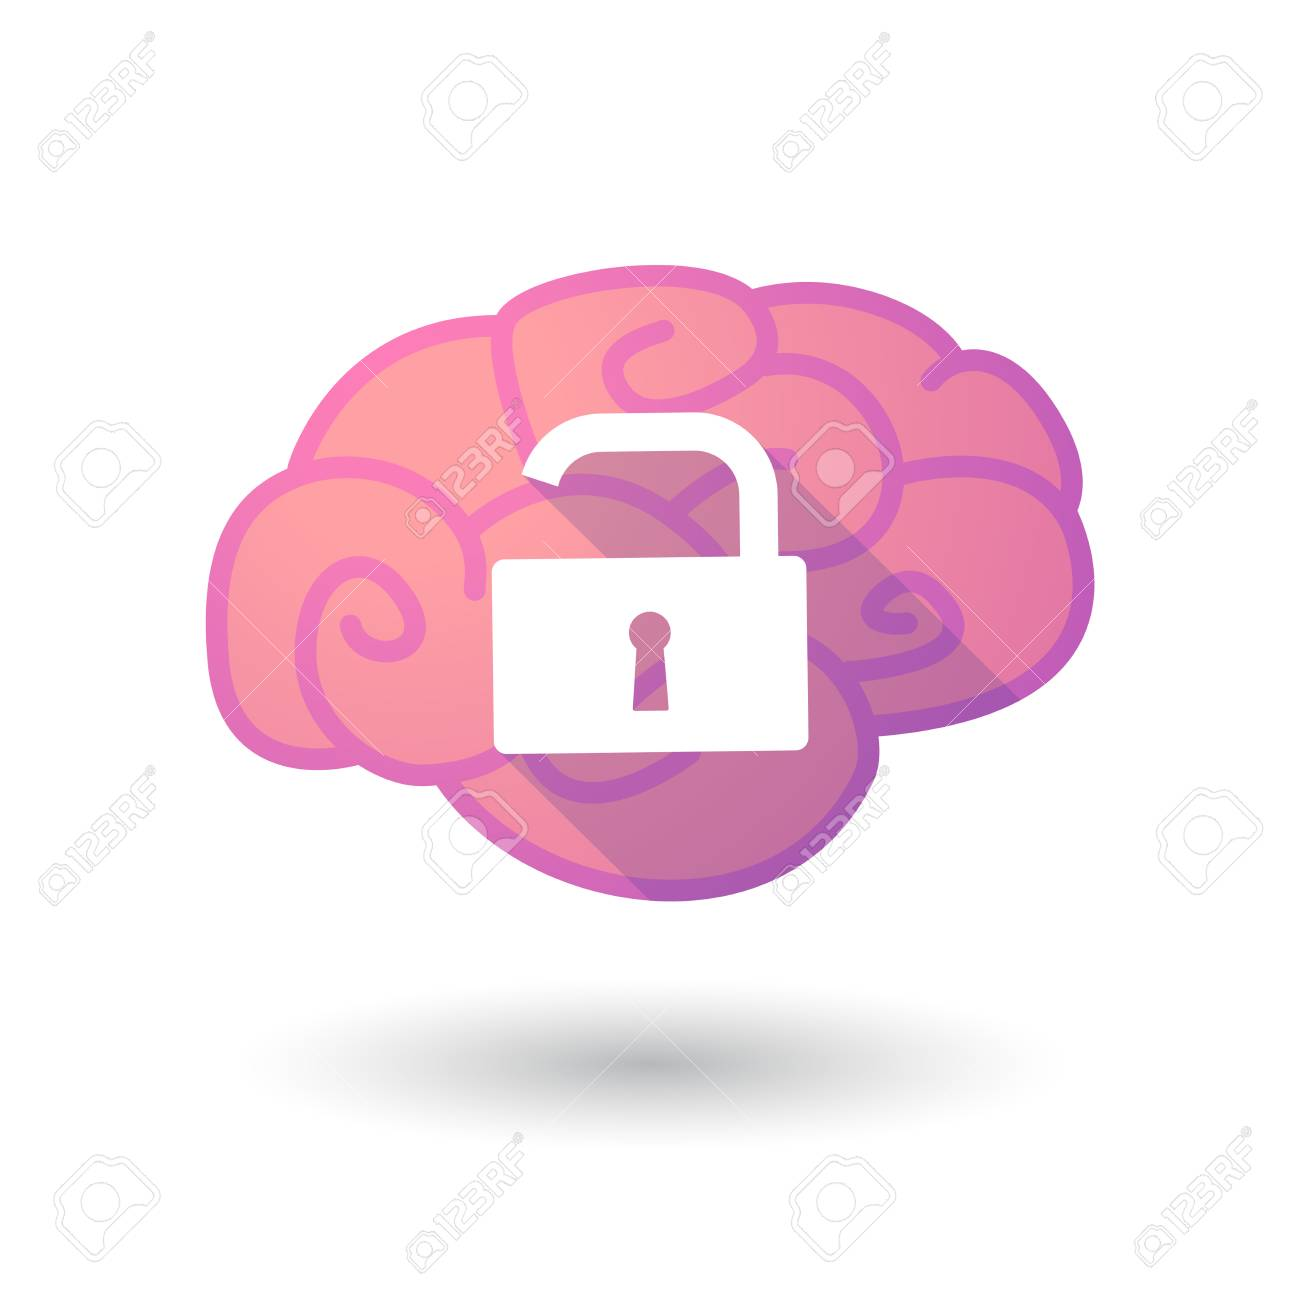 Ilustración De Un Cerebro De Color Rosa Con Una Almohadilla De ...